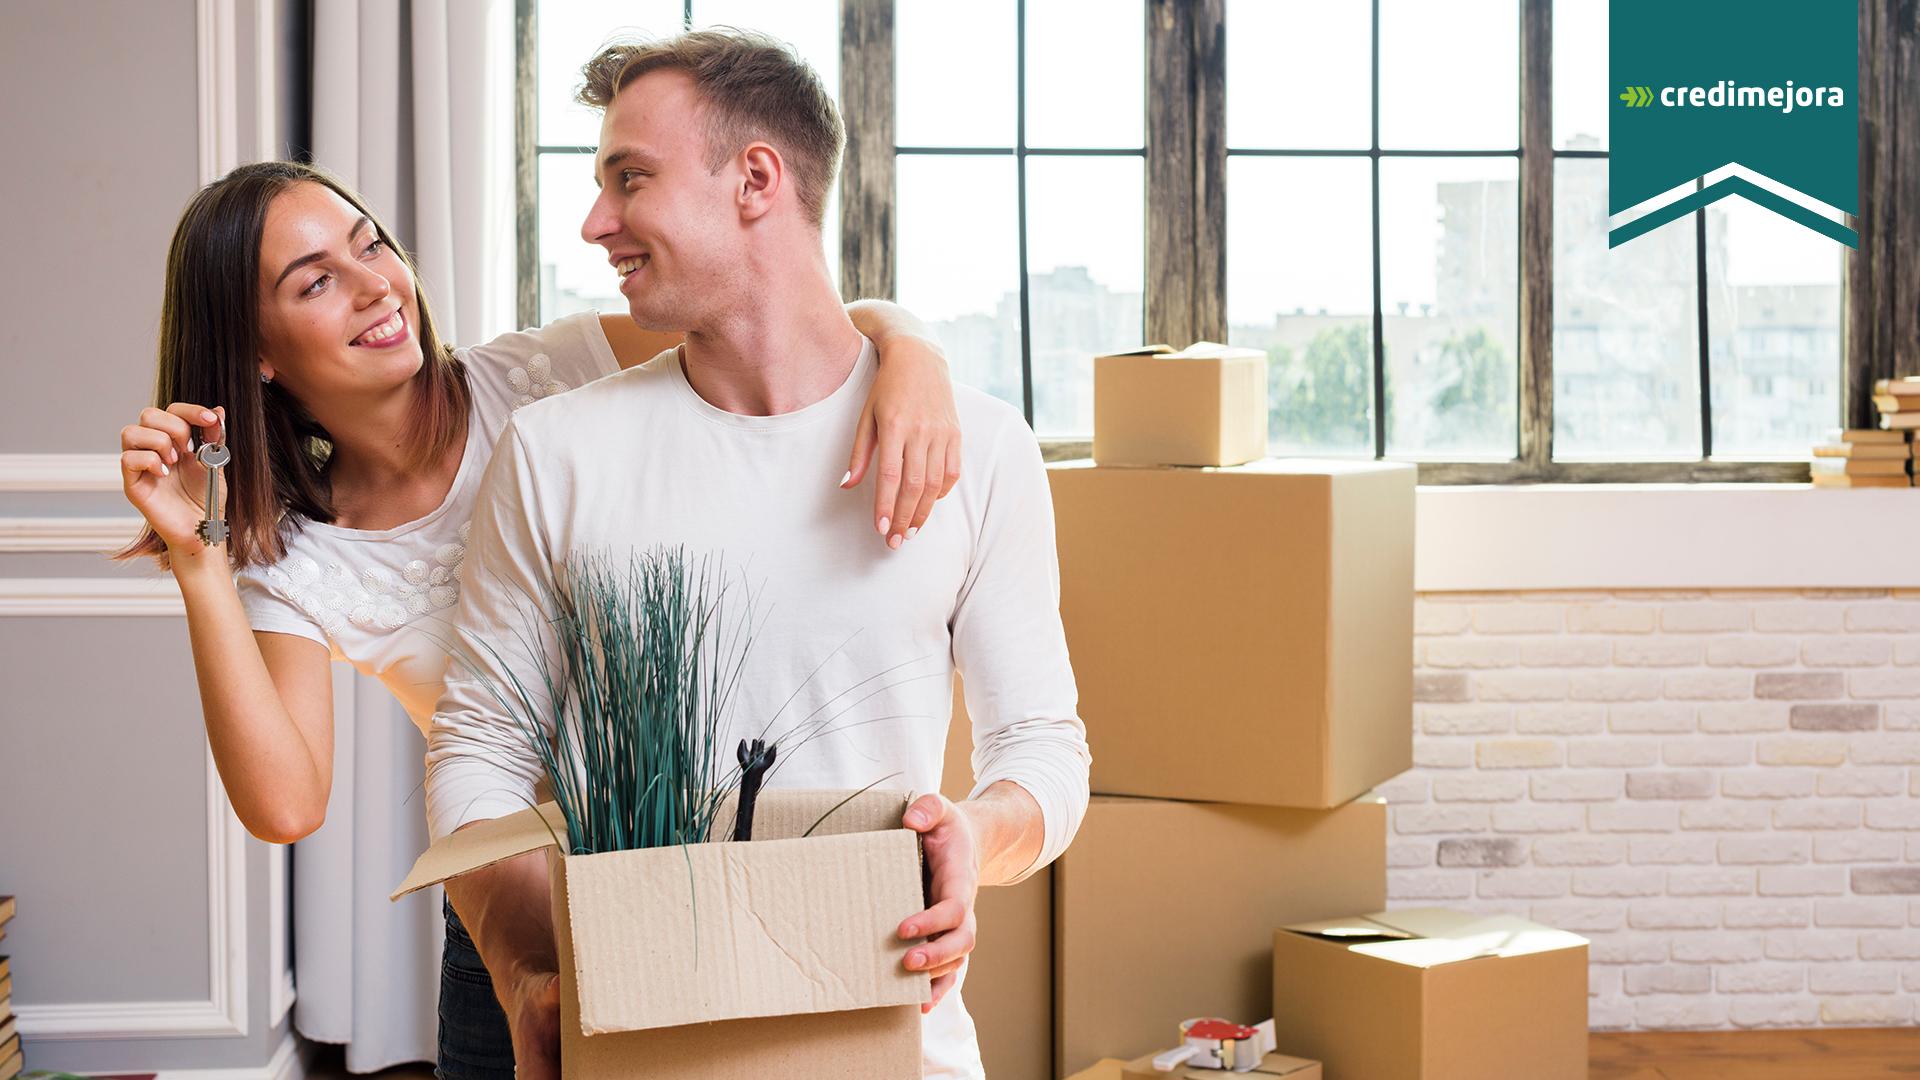 Consejos y beneficios de comprar una casa por primera vez | Credimejora